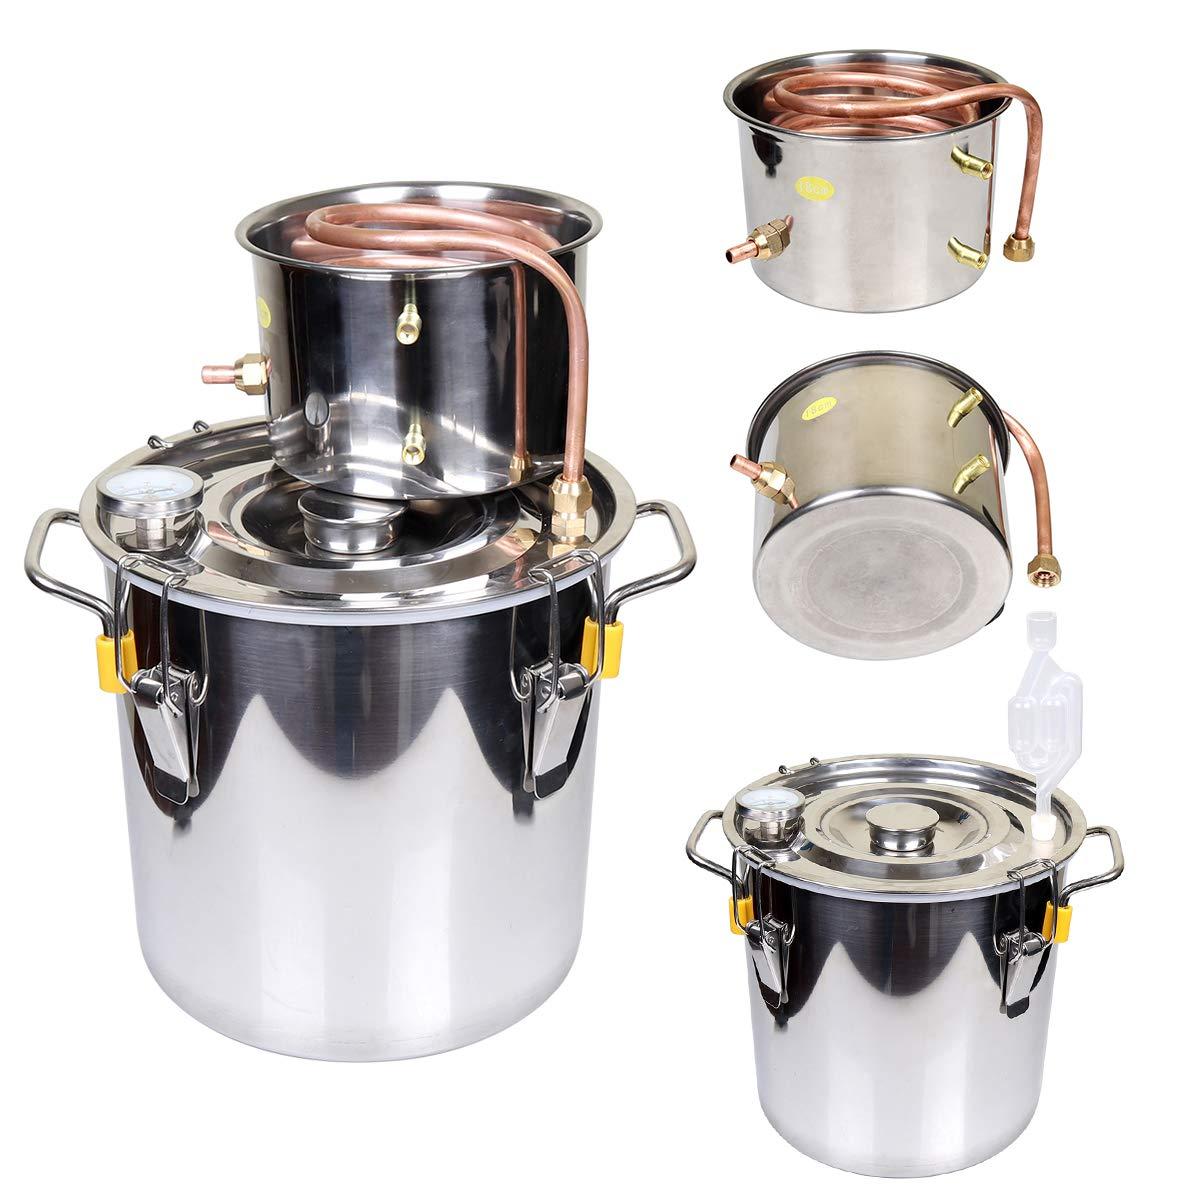 Goetland 3 Gallons Moonshine Still Spirits Kit Water Alcohol Distiller Home Brew Wine Making Kit Oil Boiler Copper Tube Stainless Steel by Goetland